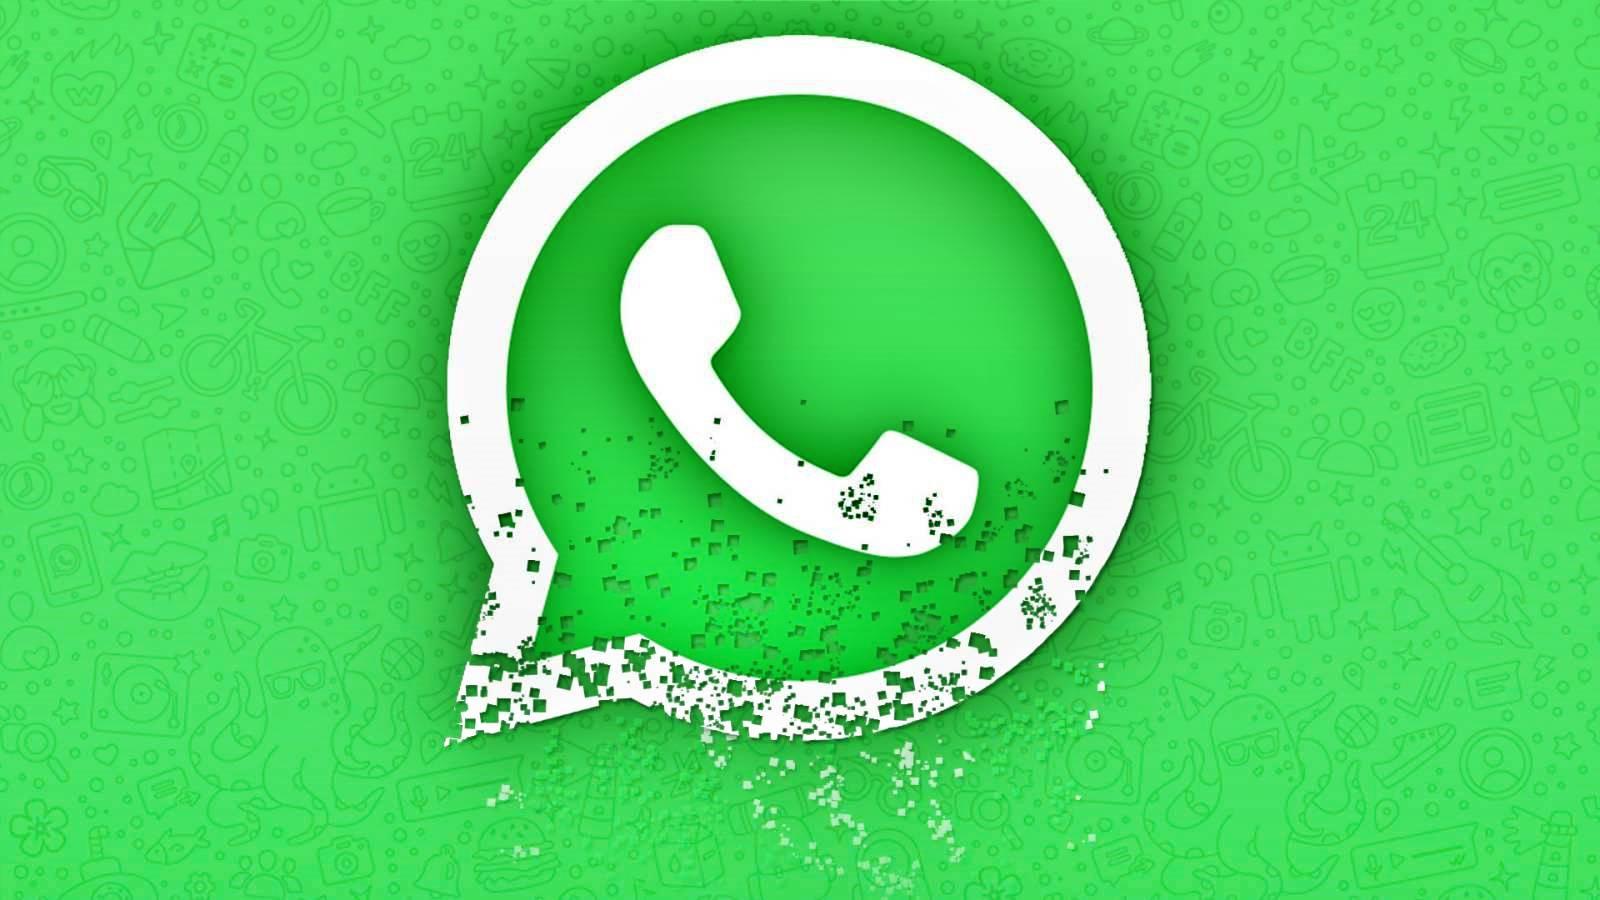 WhatsApp indicatorWhatsApp indicator